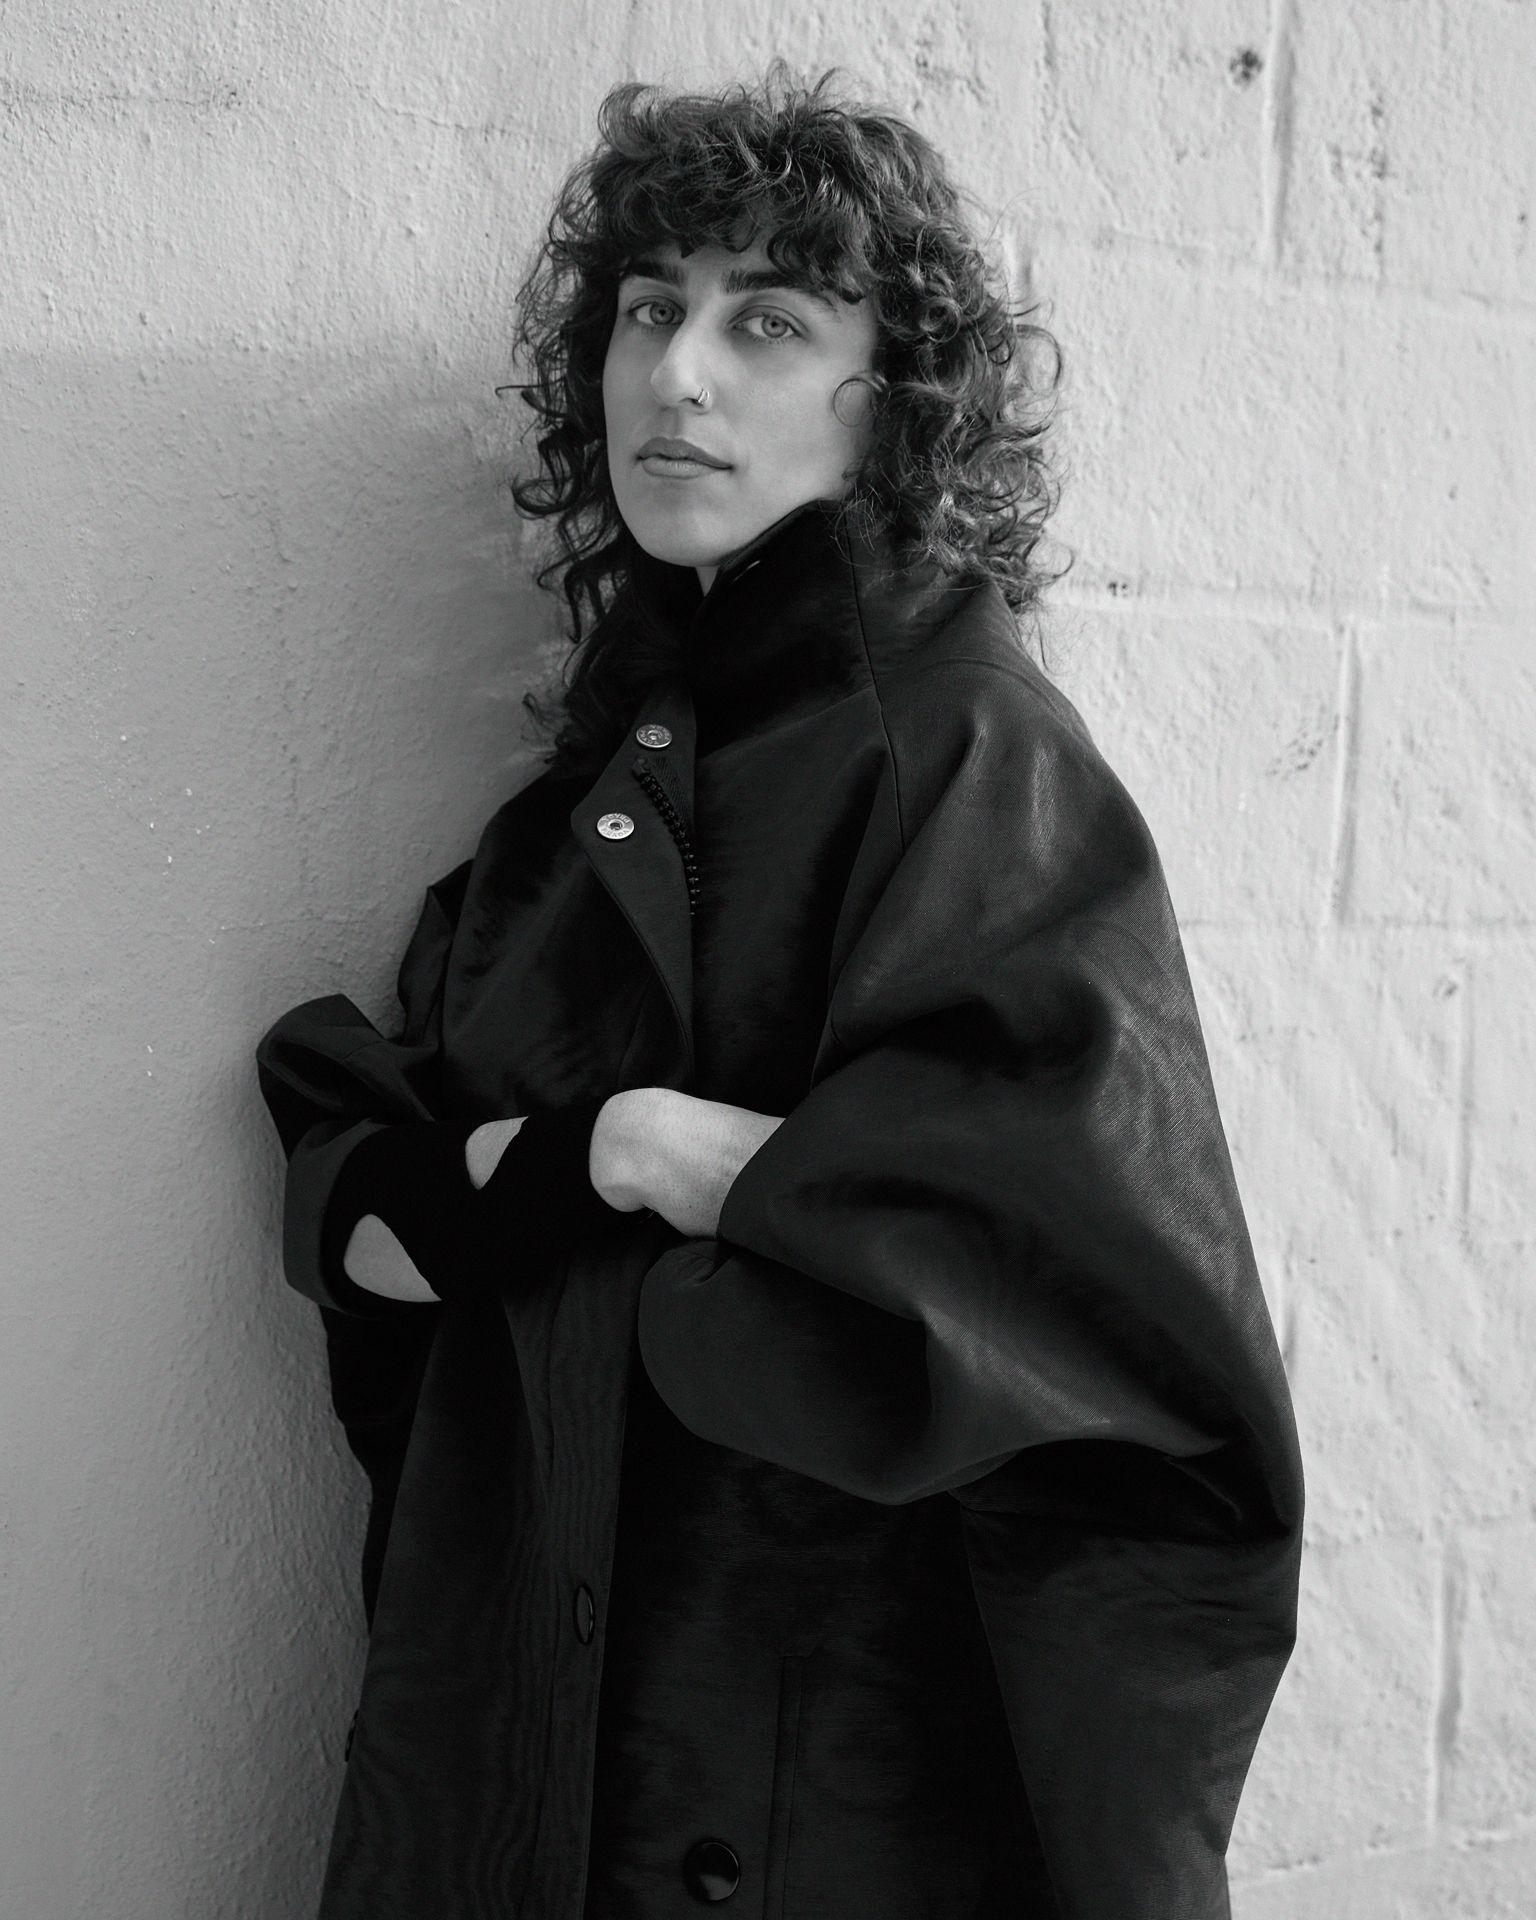 Femme accoté sur mur grand manteau photo noir et blanc New York